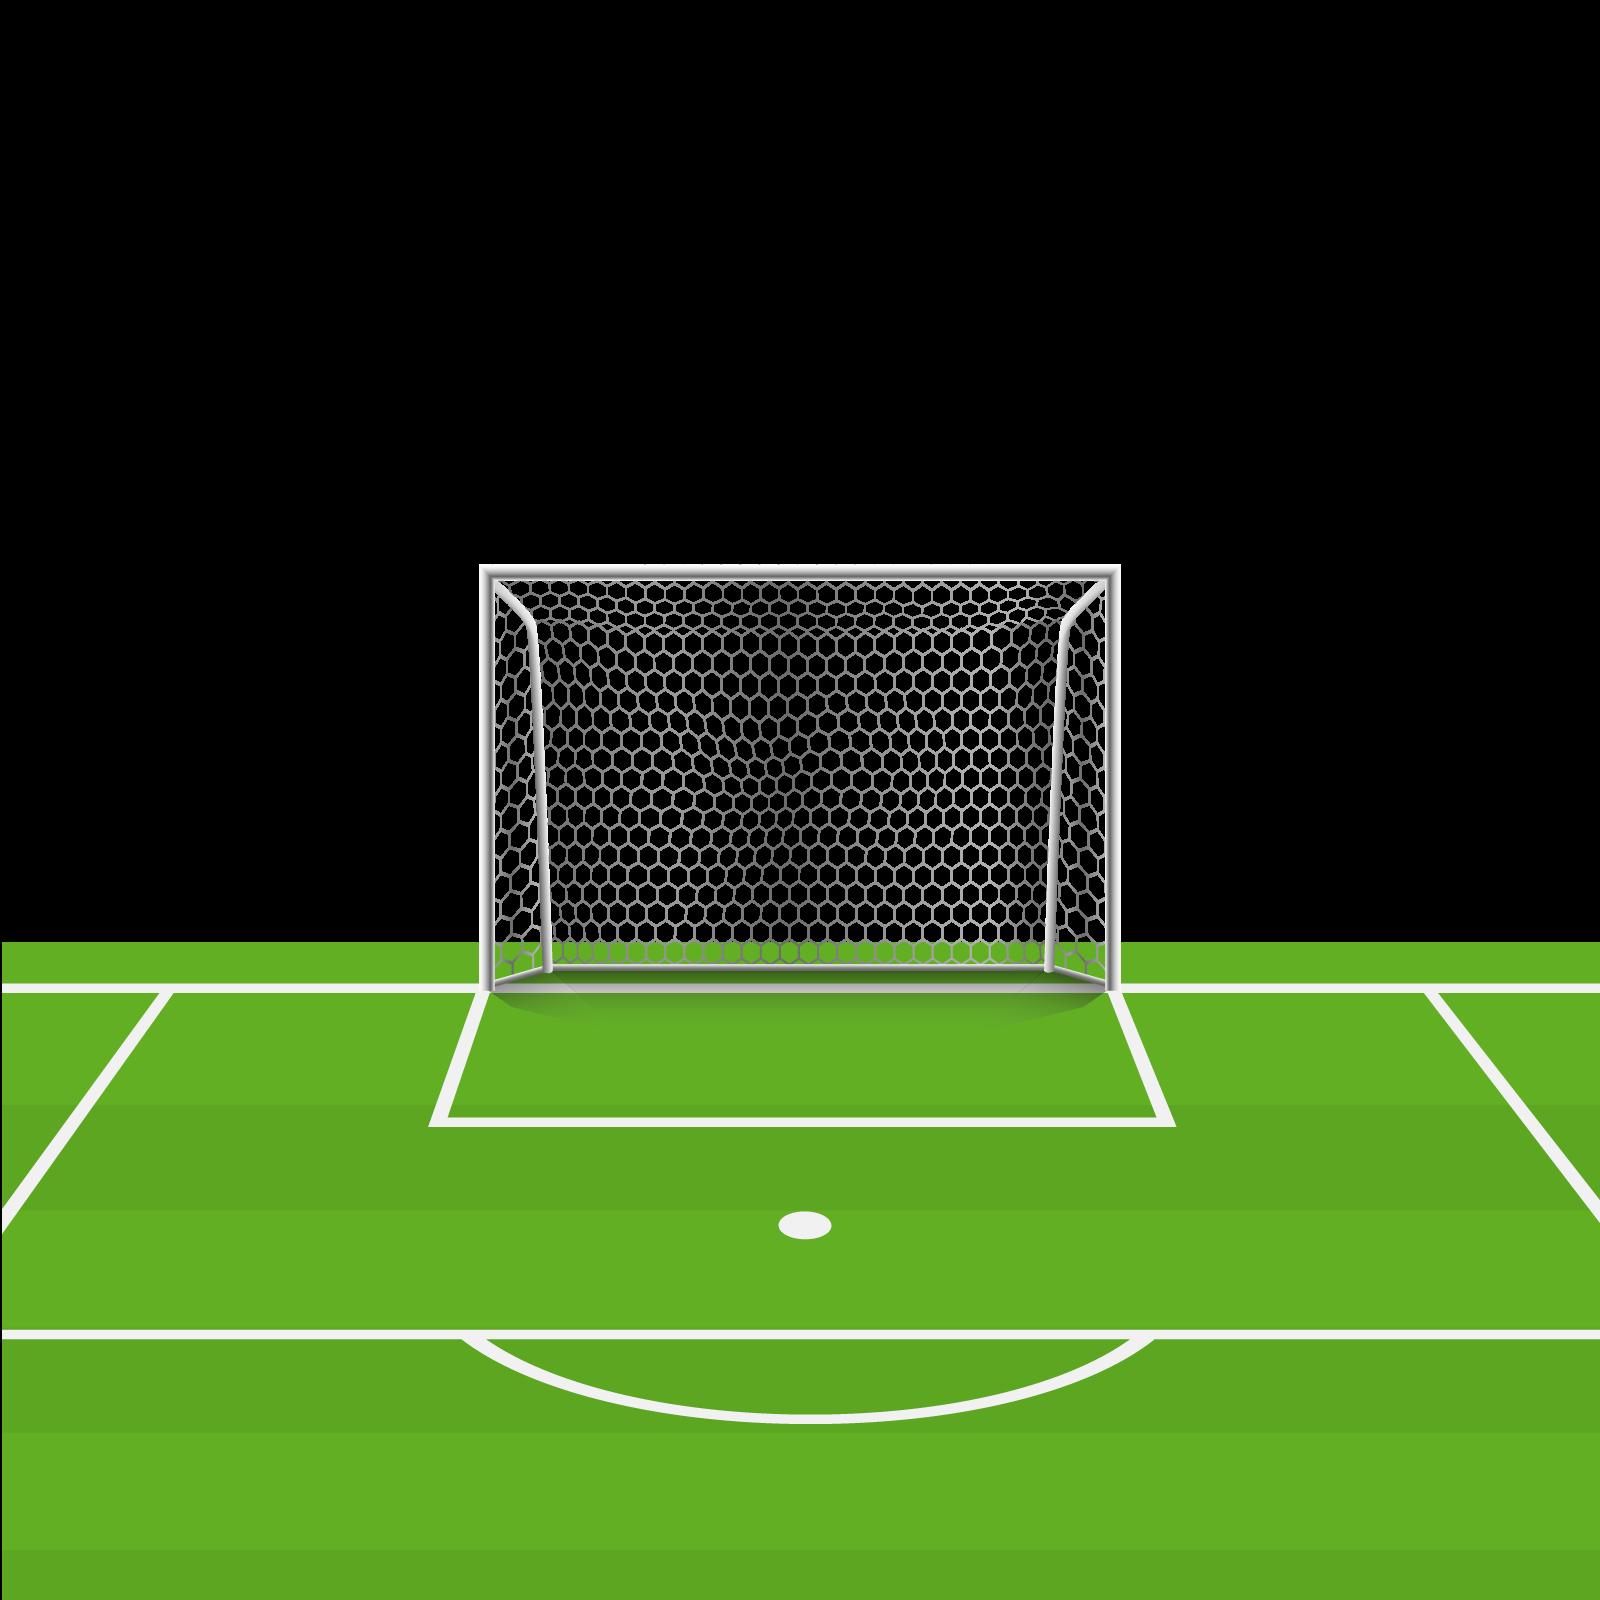 Football net clipart